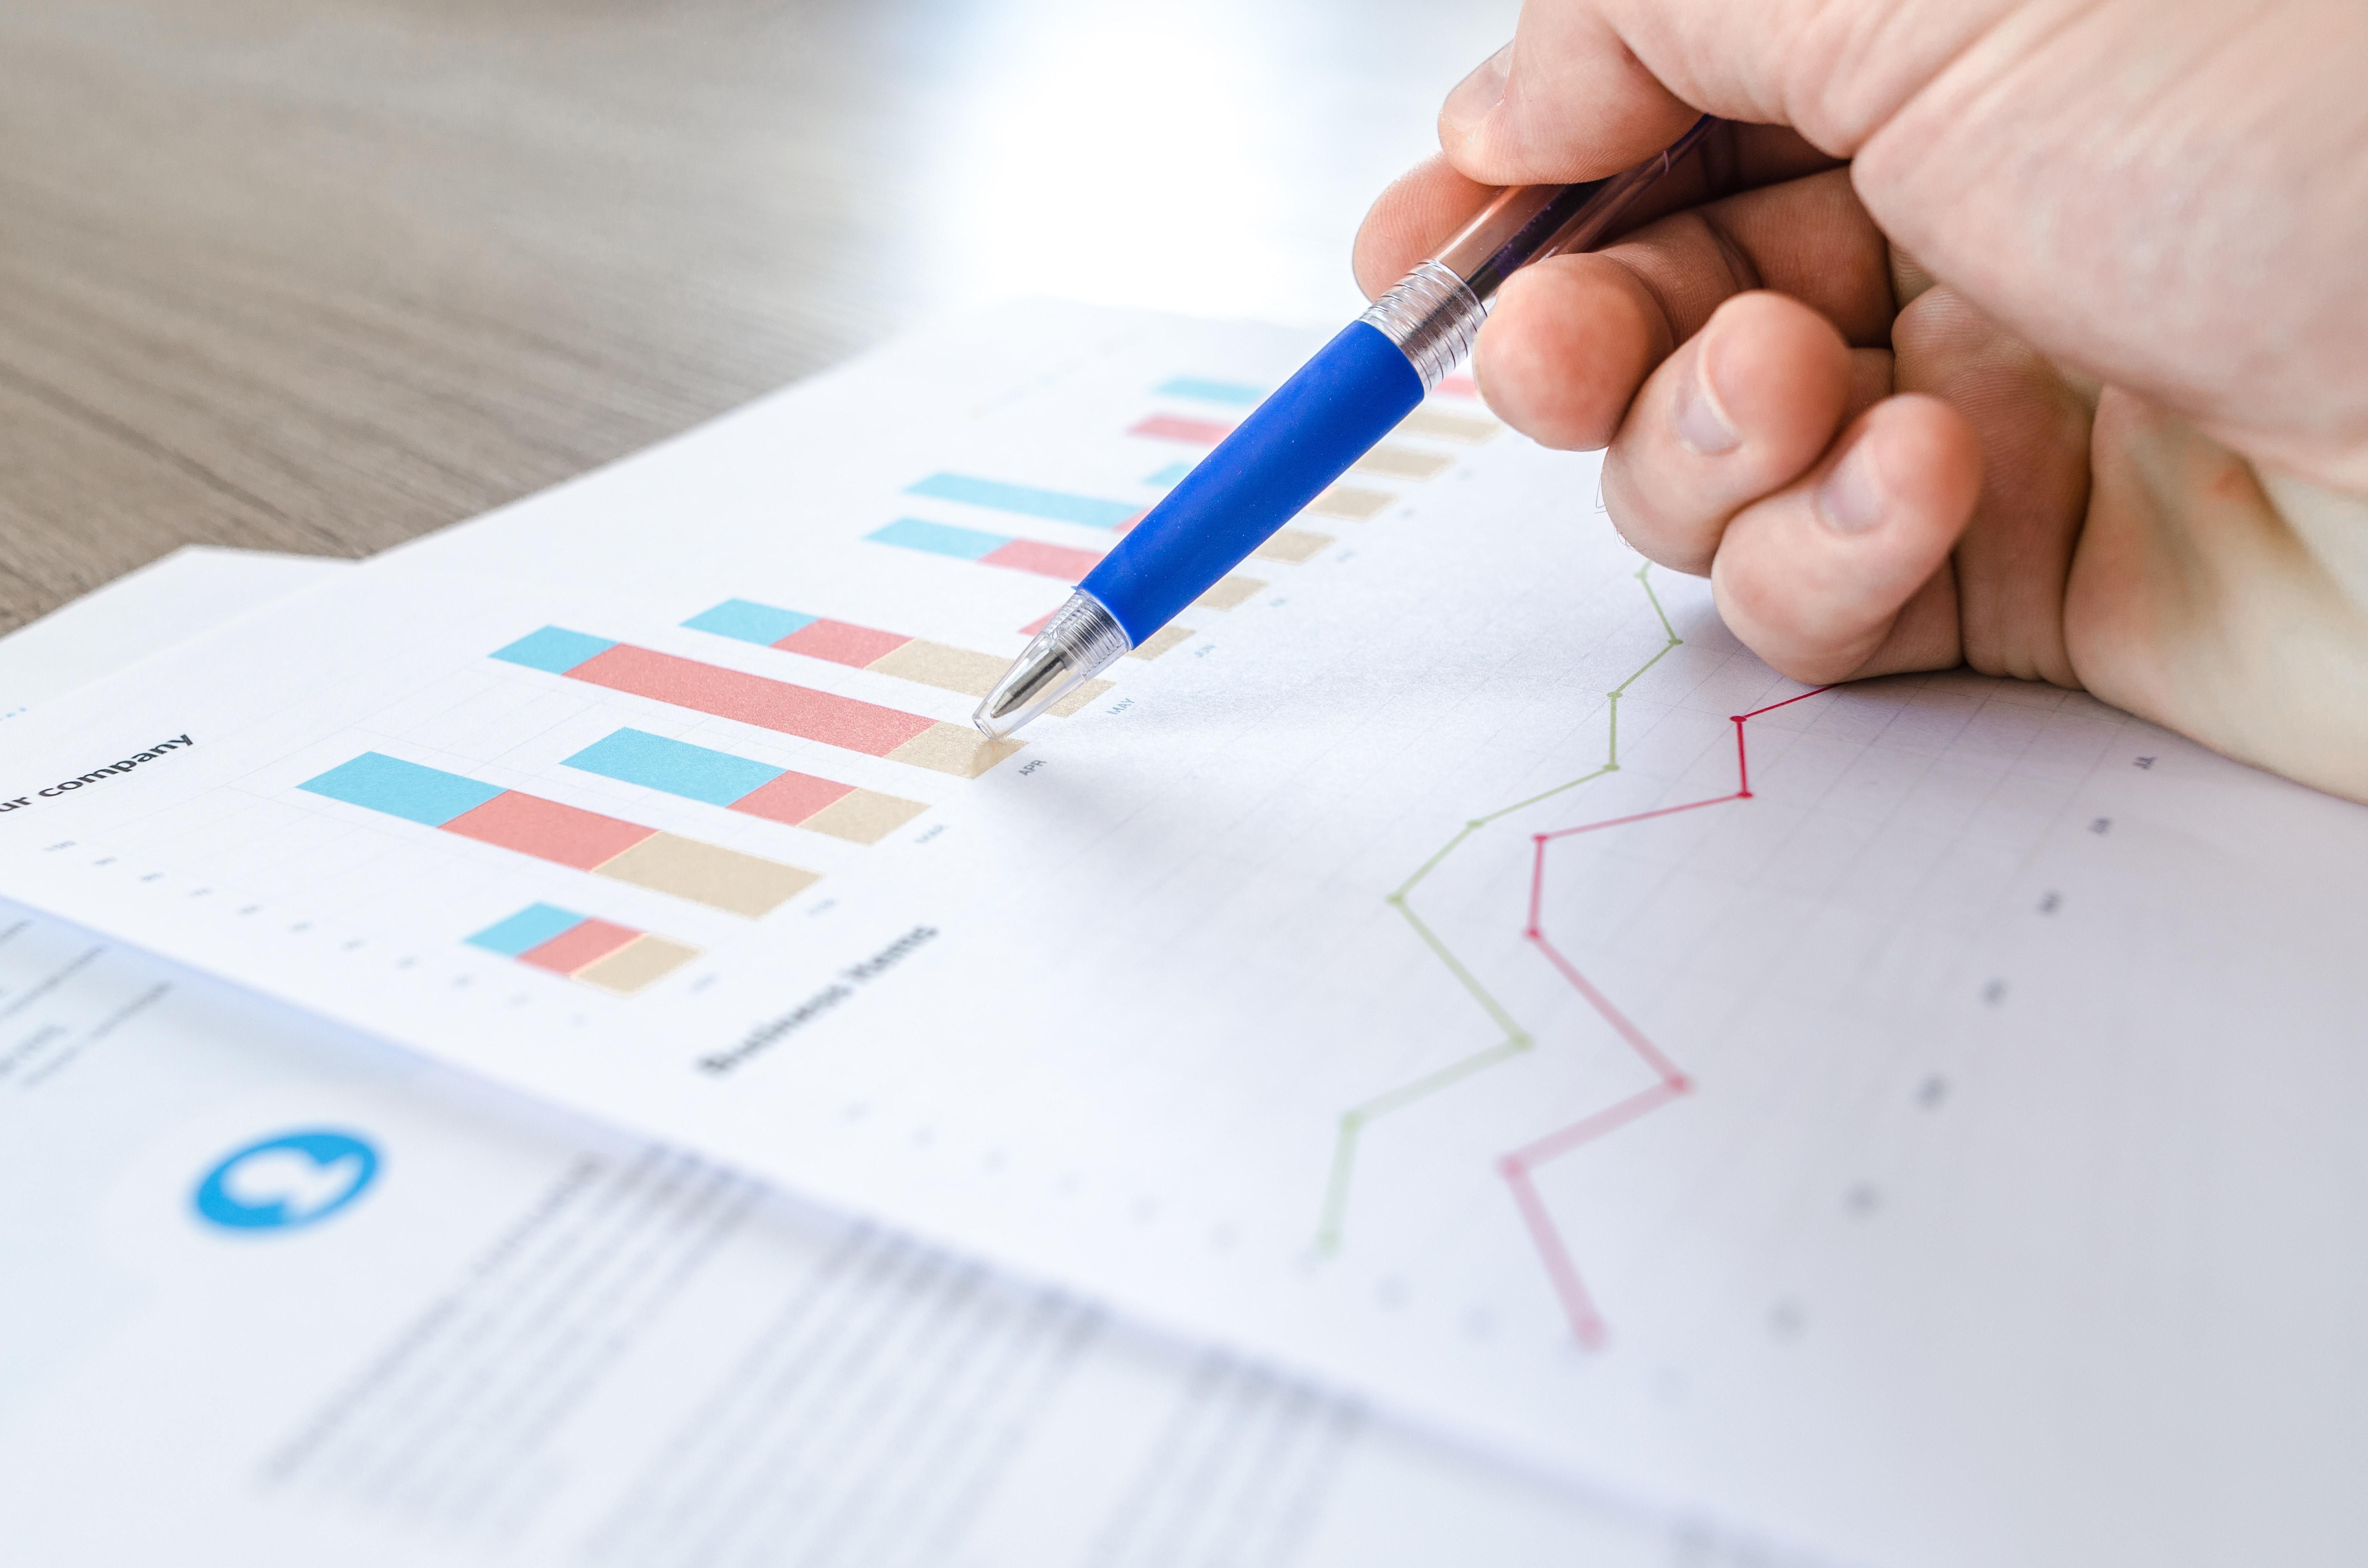 offshore revenue cycle management